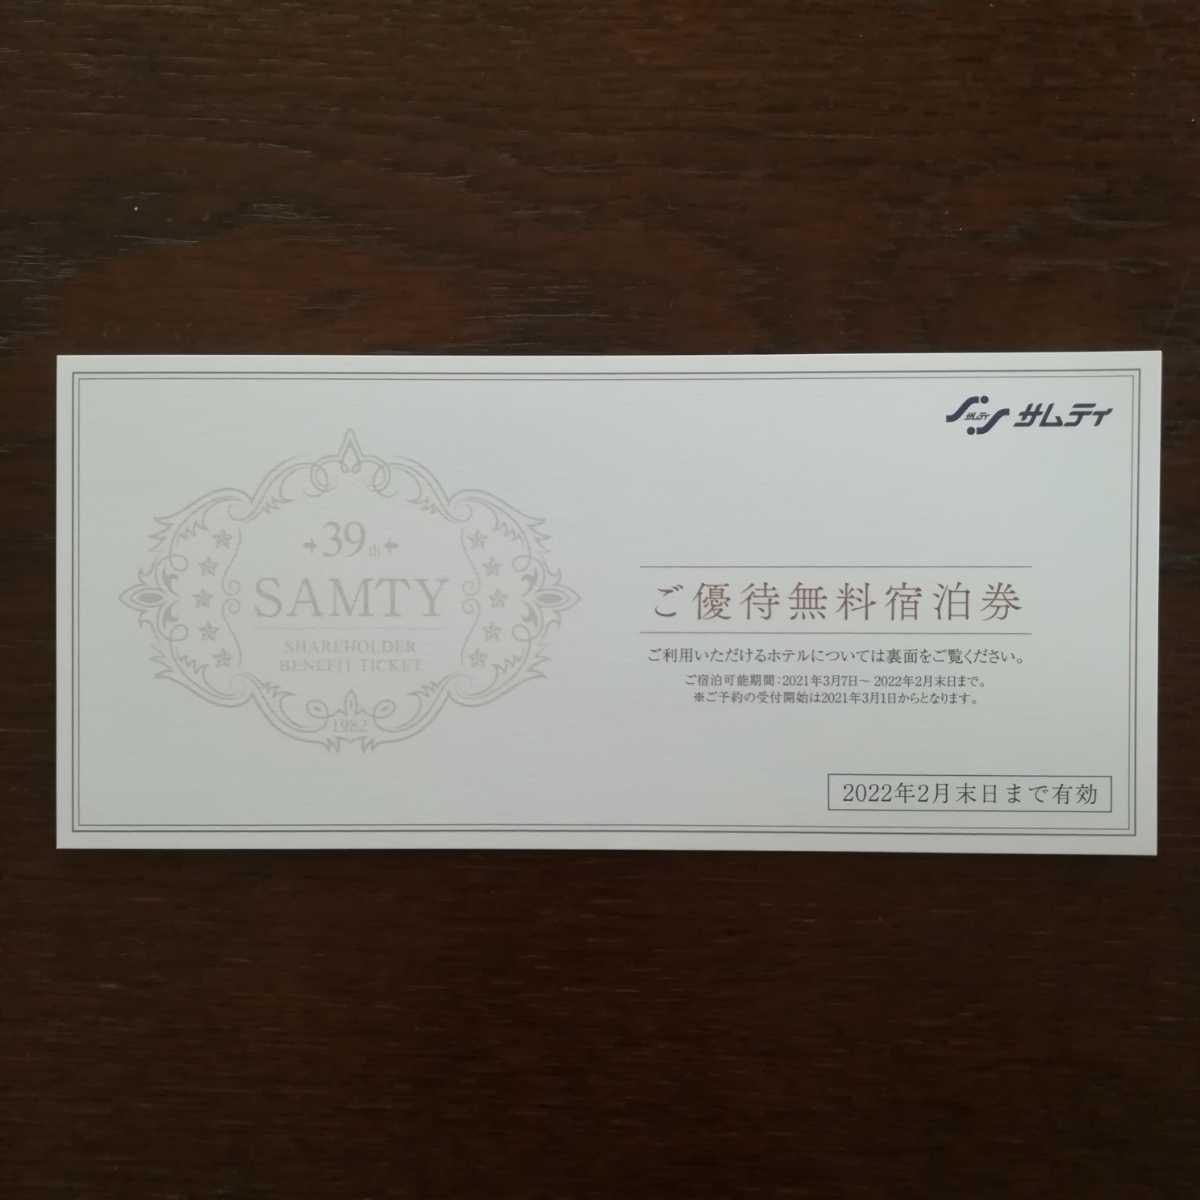 サムティ ホテル無料宿泊券 株主優待_画像1